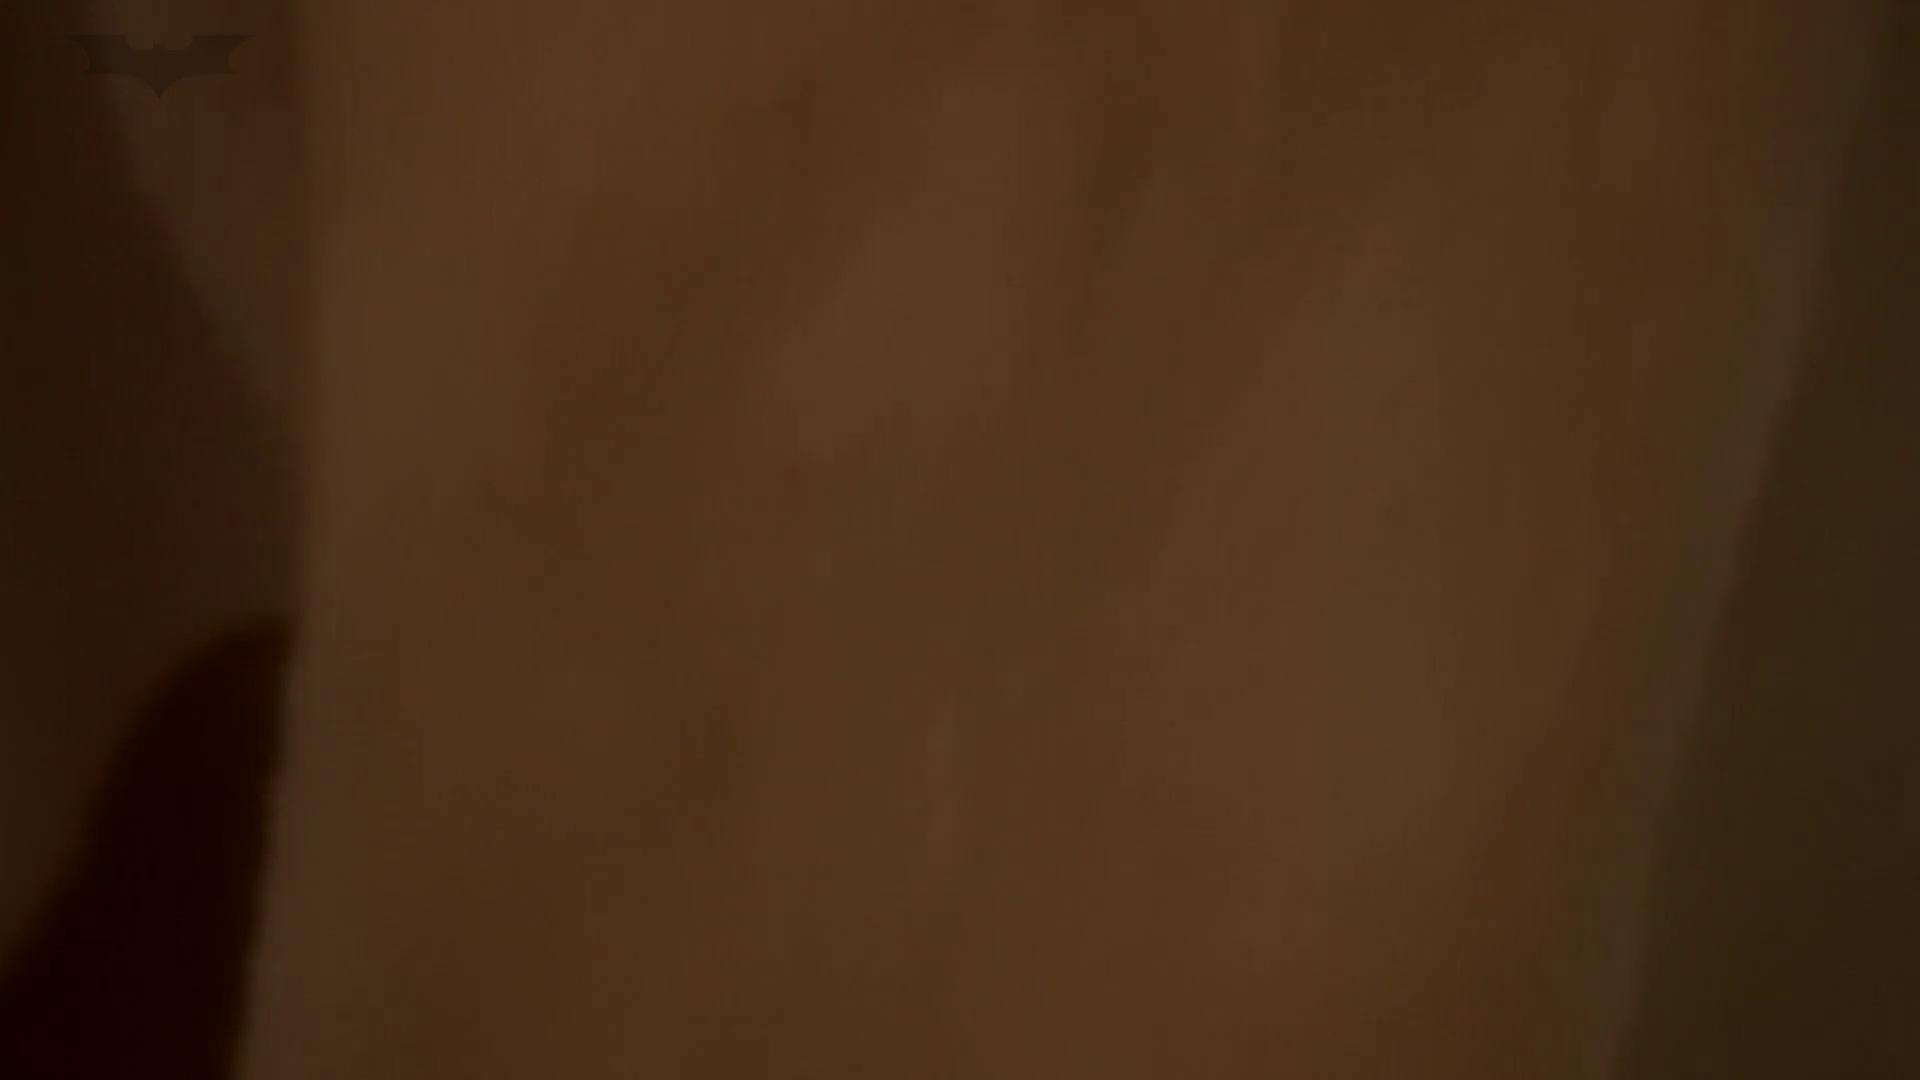 *華の女子寮ノゾキ* vol.04 陸上系?就活中のお女市さんJD 女子寮 すけべAV動画紹介 74pic 71